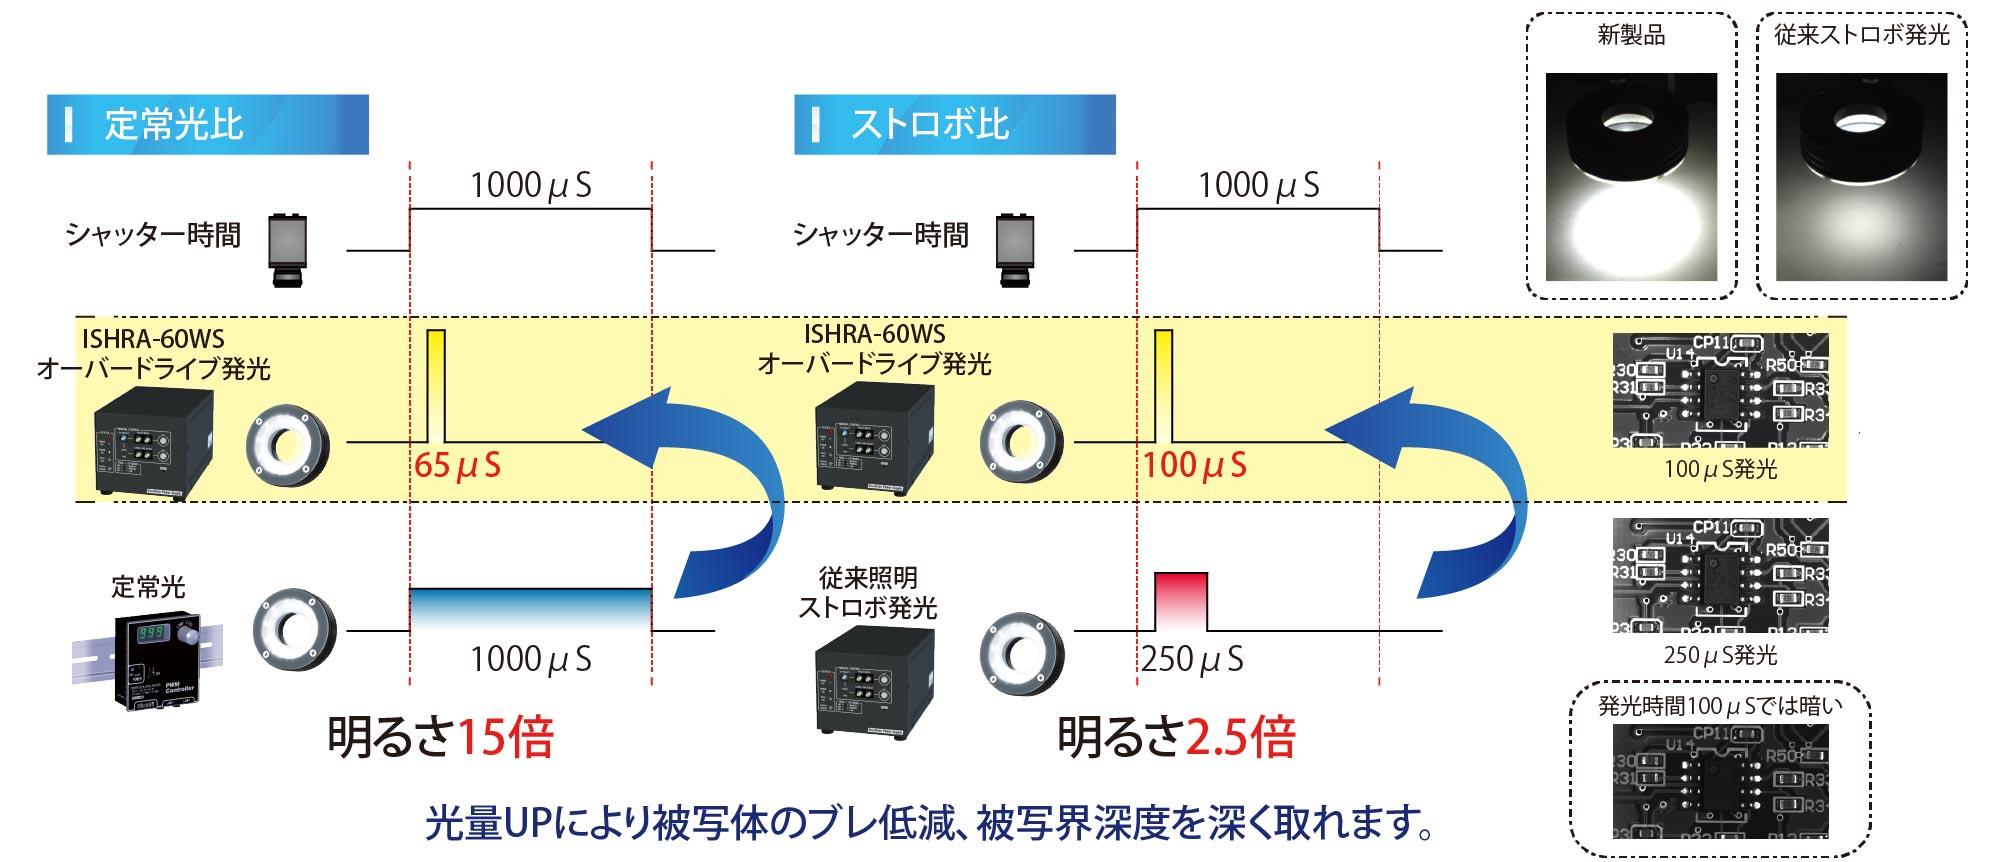 IS Product Description 01